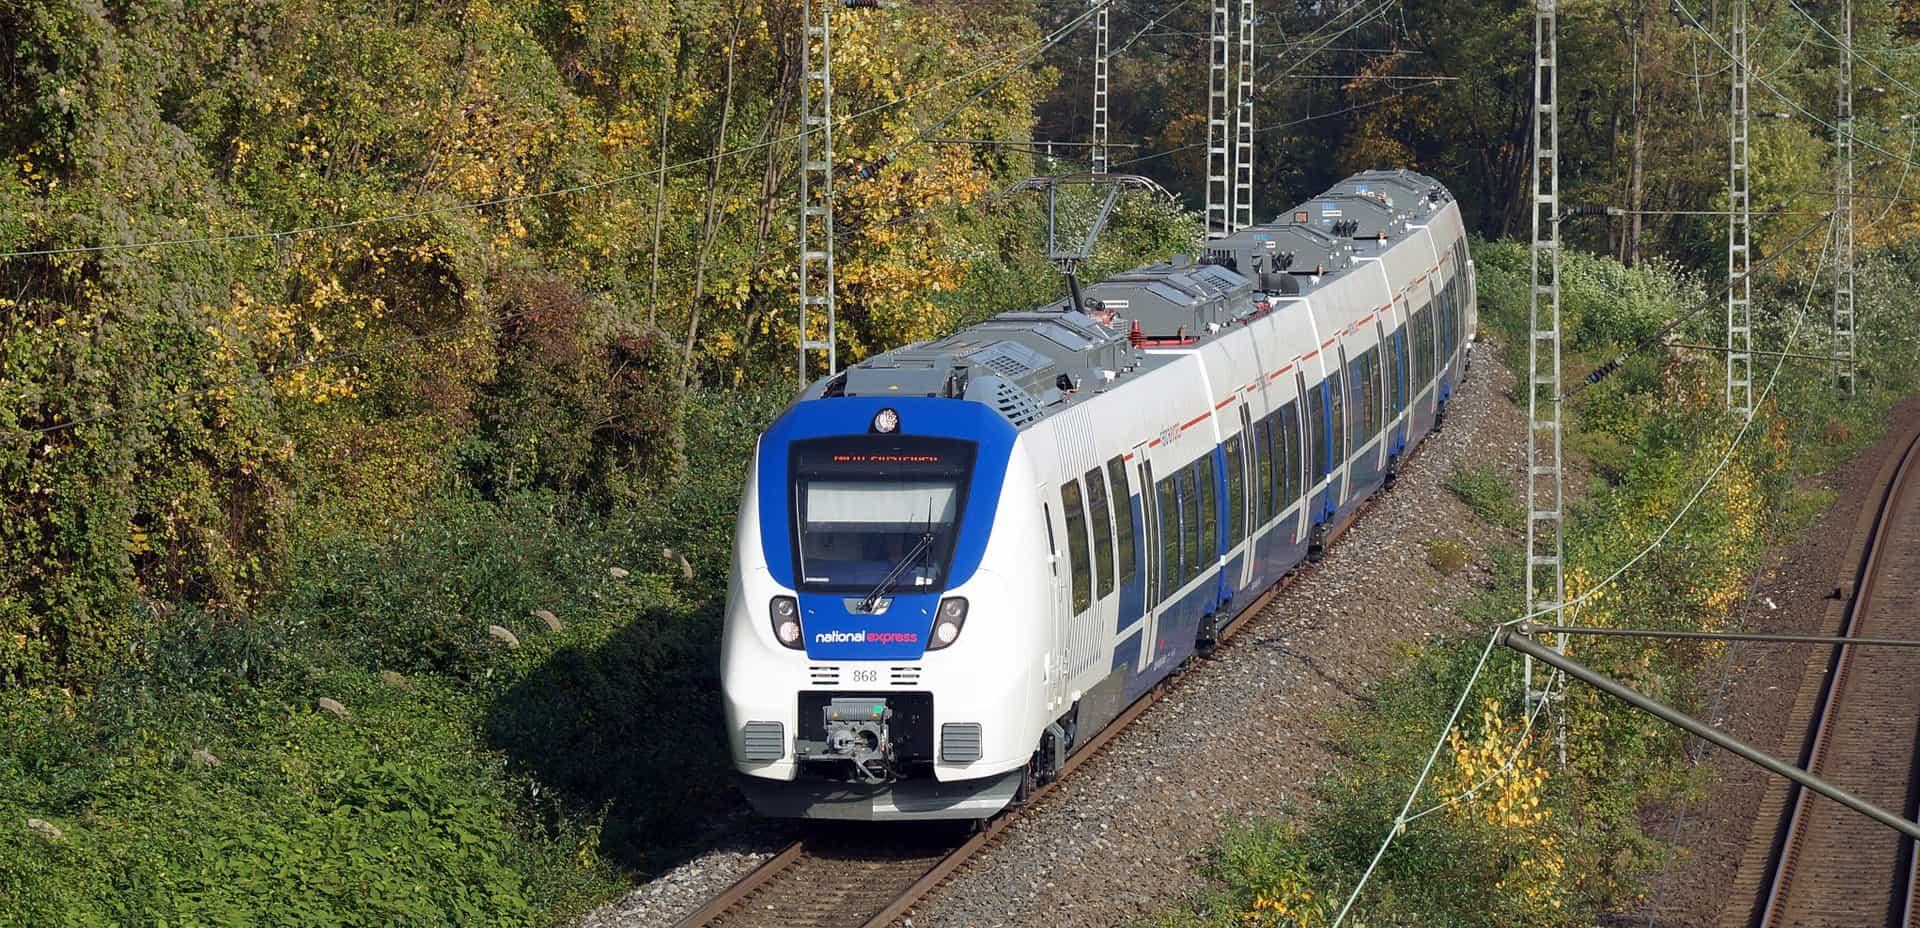 National Express Verspätung